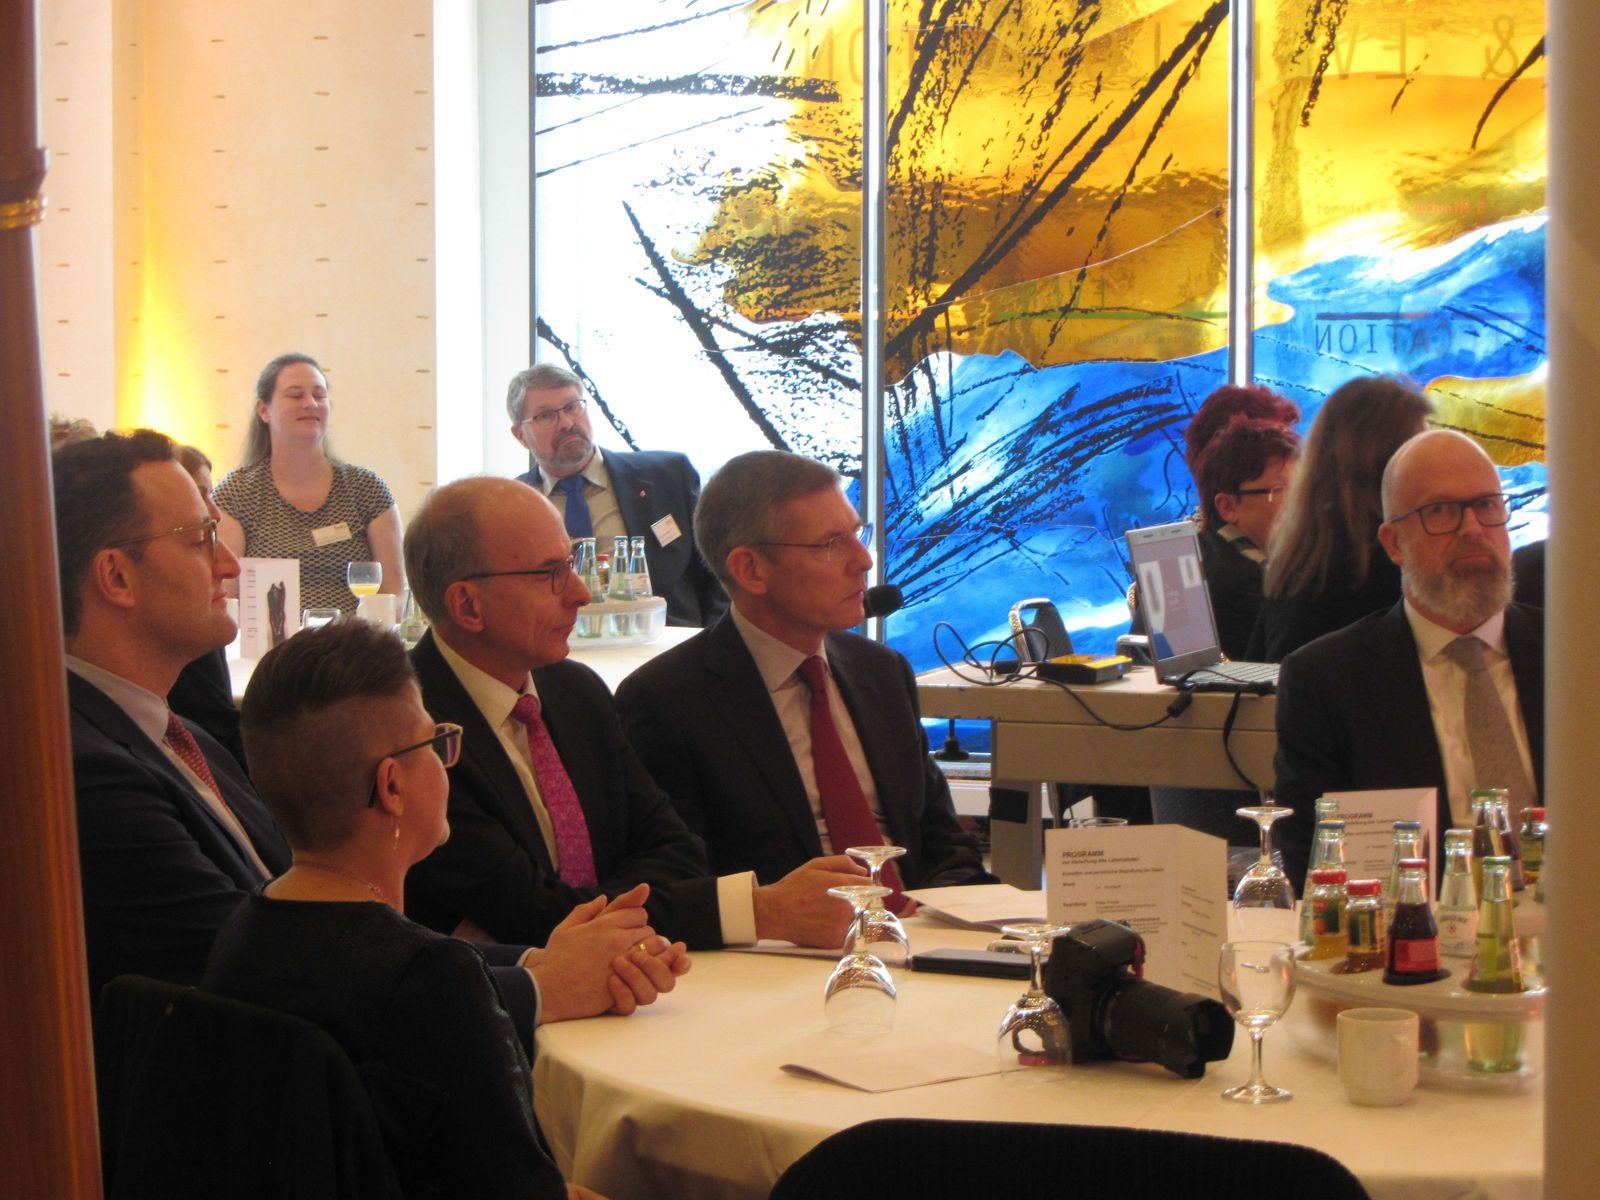 Tischrunde (vorne, von links) mit Minister Jens Spahn, Claudia Krogul, Dr. Rahmel (Deutsche Stiftung Organtransplantation = DSO), Prof. Dr. Kai-Uwe Eckardt (Charité), Thomas Biet (Kaufmännischer Vorstand der DSO); hinten von links: Nina Maric (Geschäfts- und Beratungsstelle des BDO e.V. in Bockenem), Uwe Barenbrügge (Vater von Claudia Krogul, der stellv. Vorsitzenden des BDO)